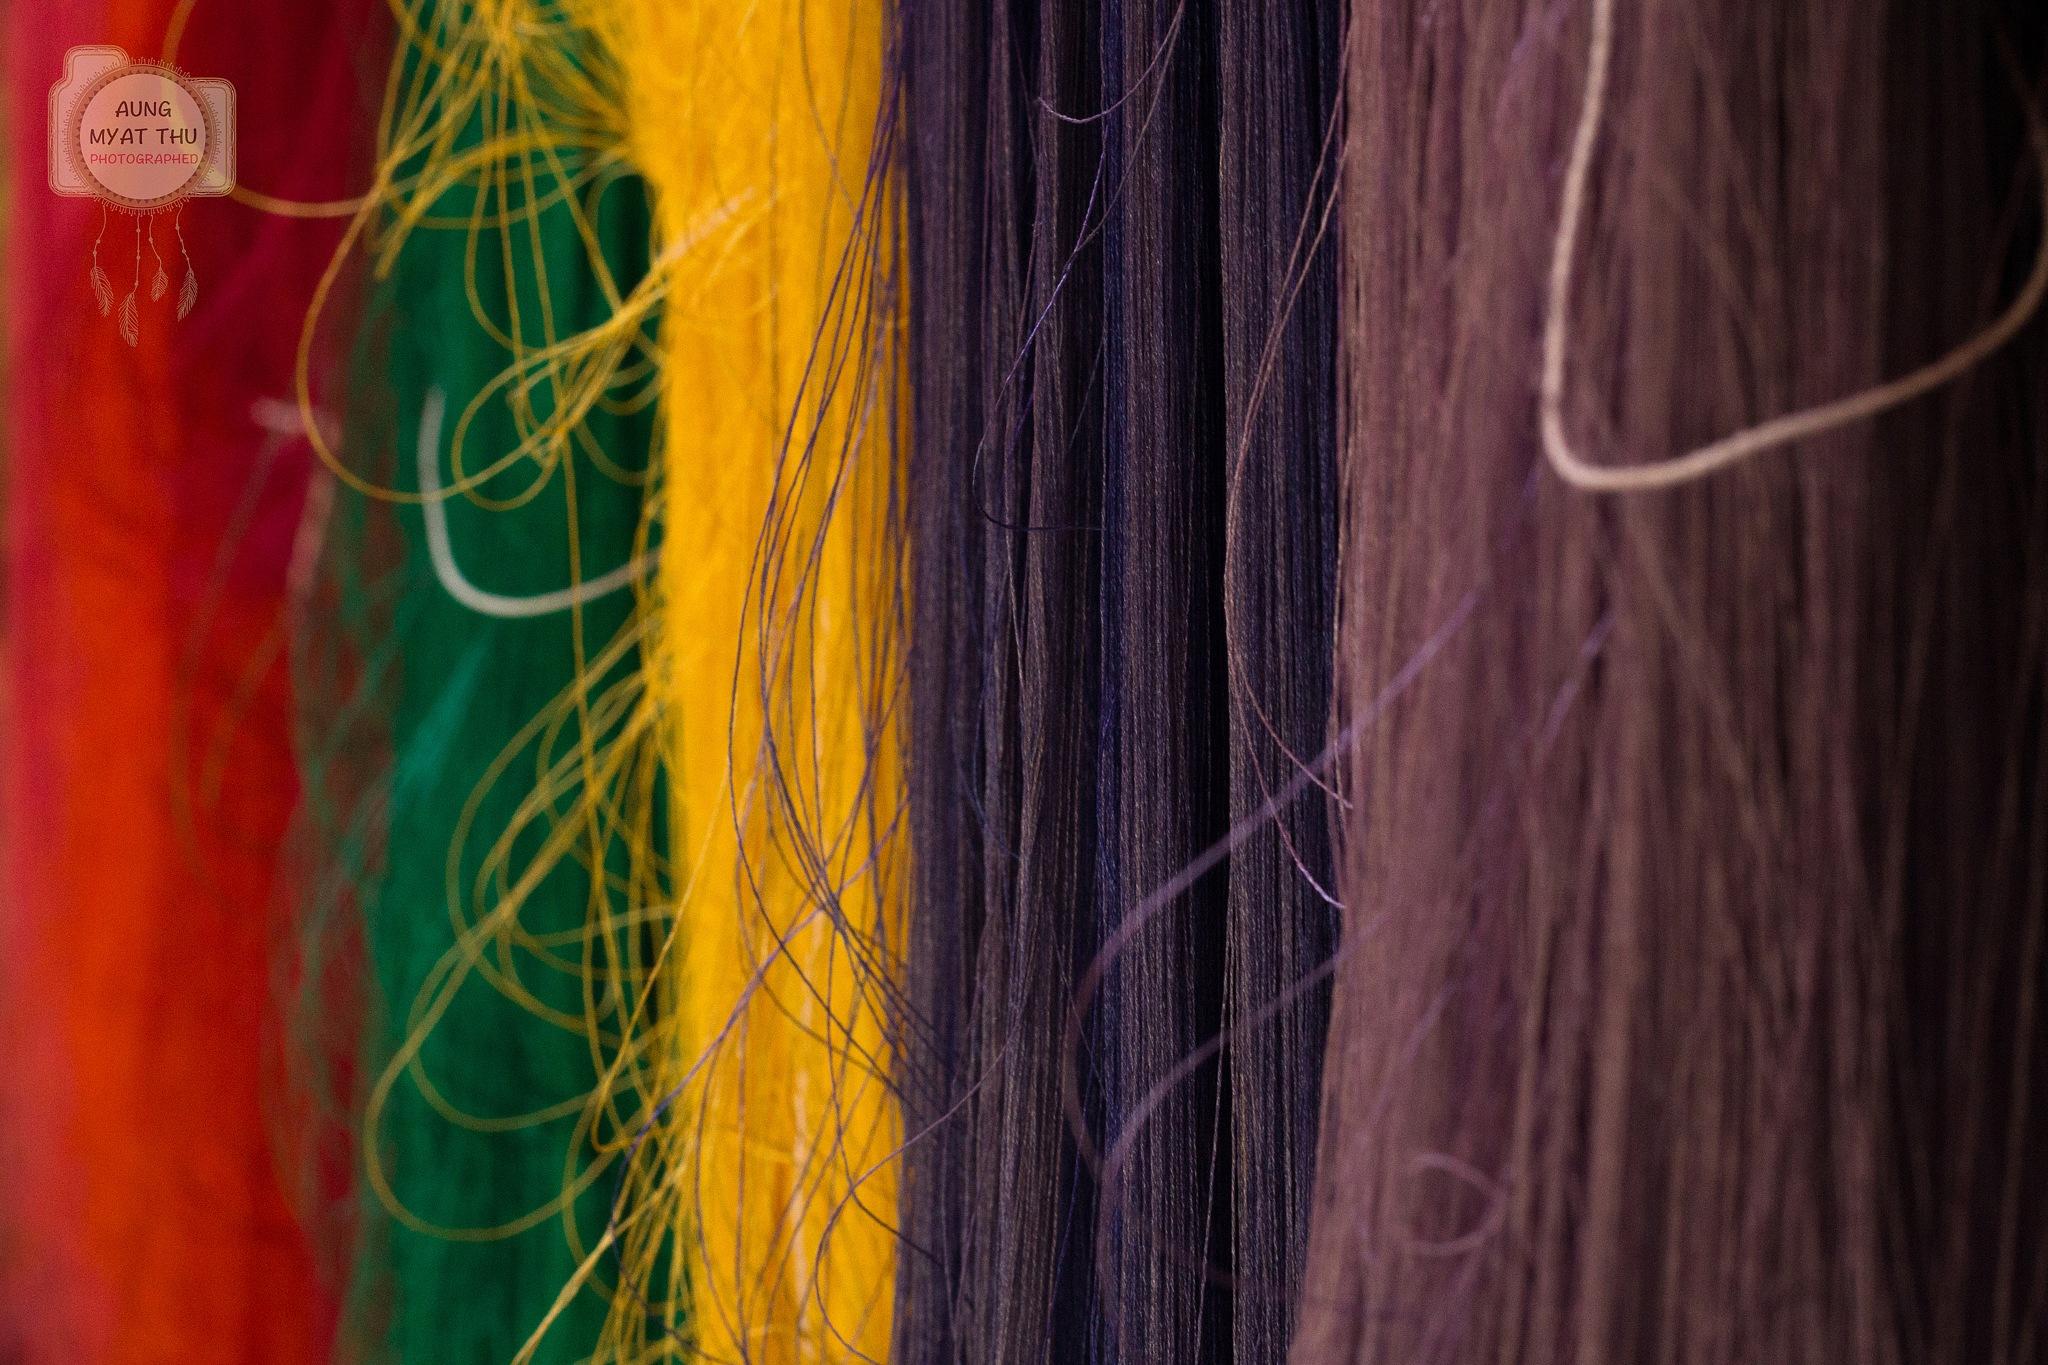 Silk Thread by Aung Myat Thu